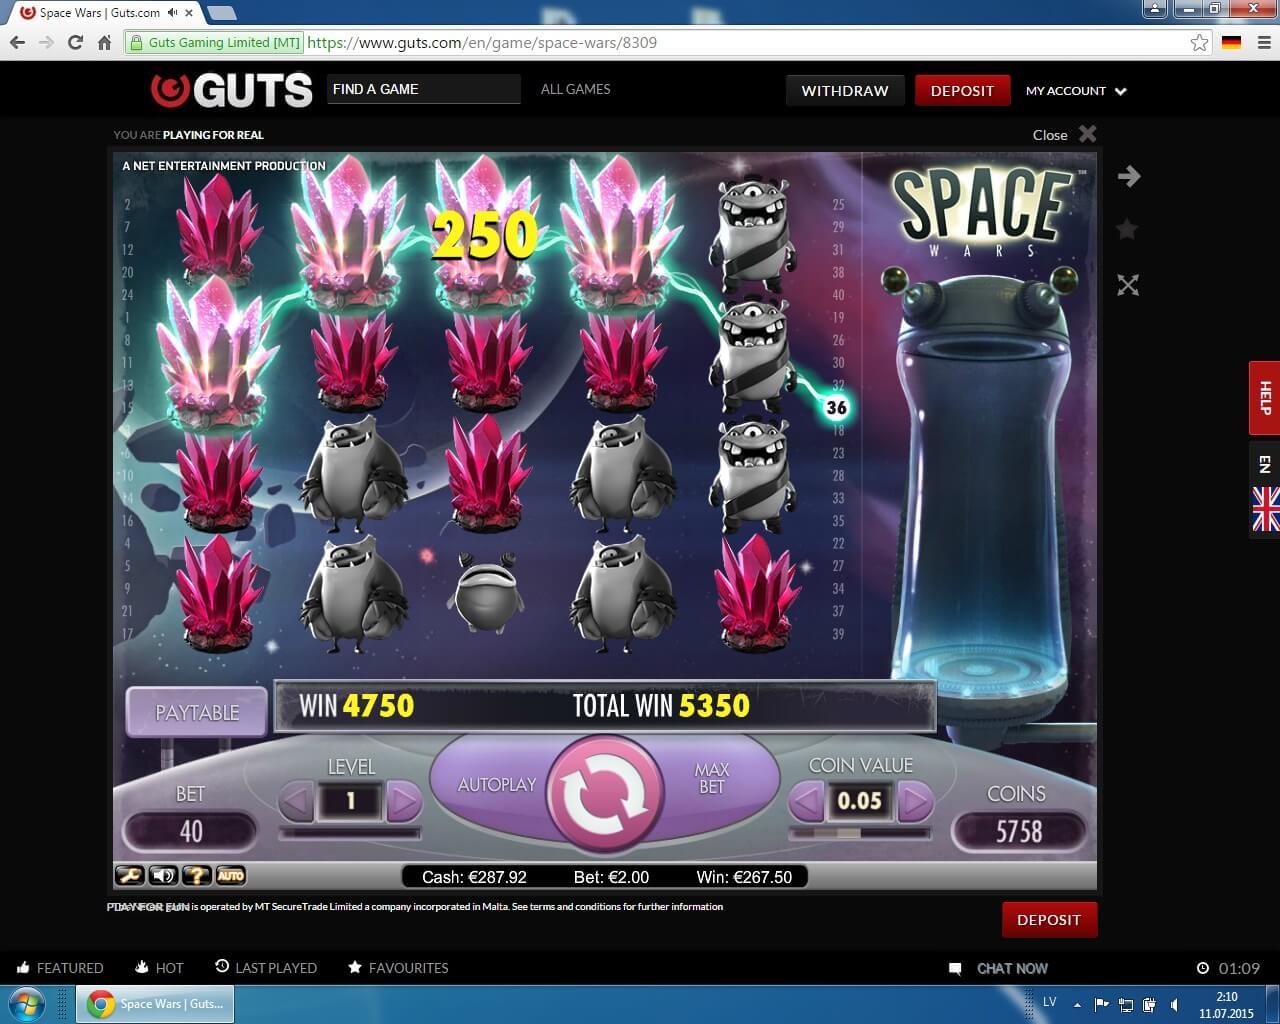 guts casino, space wars, онлайн казино, крупные выигрыши, игровой автомат